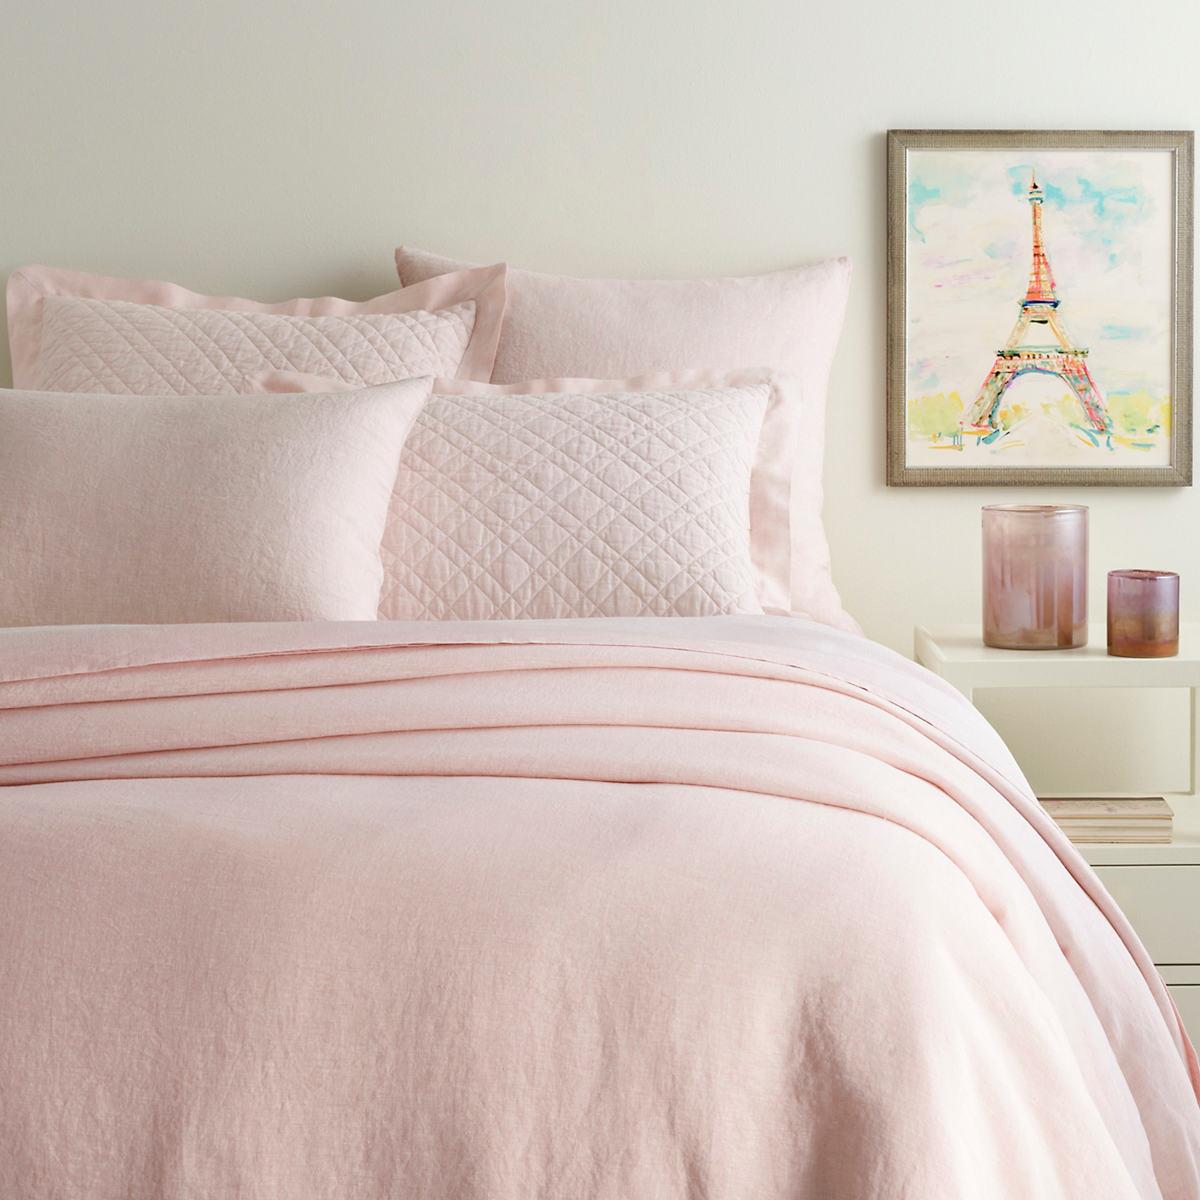 Lush Linen Slipper Pink Duvet Cover